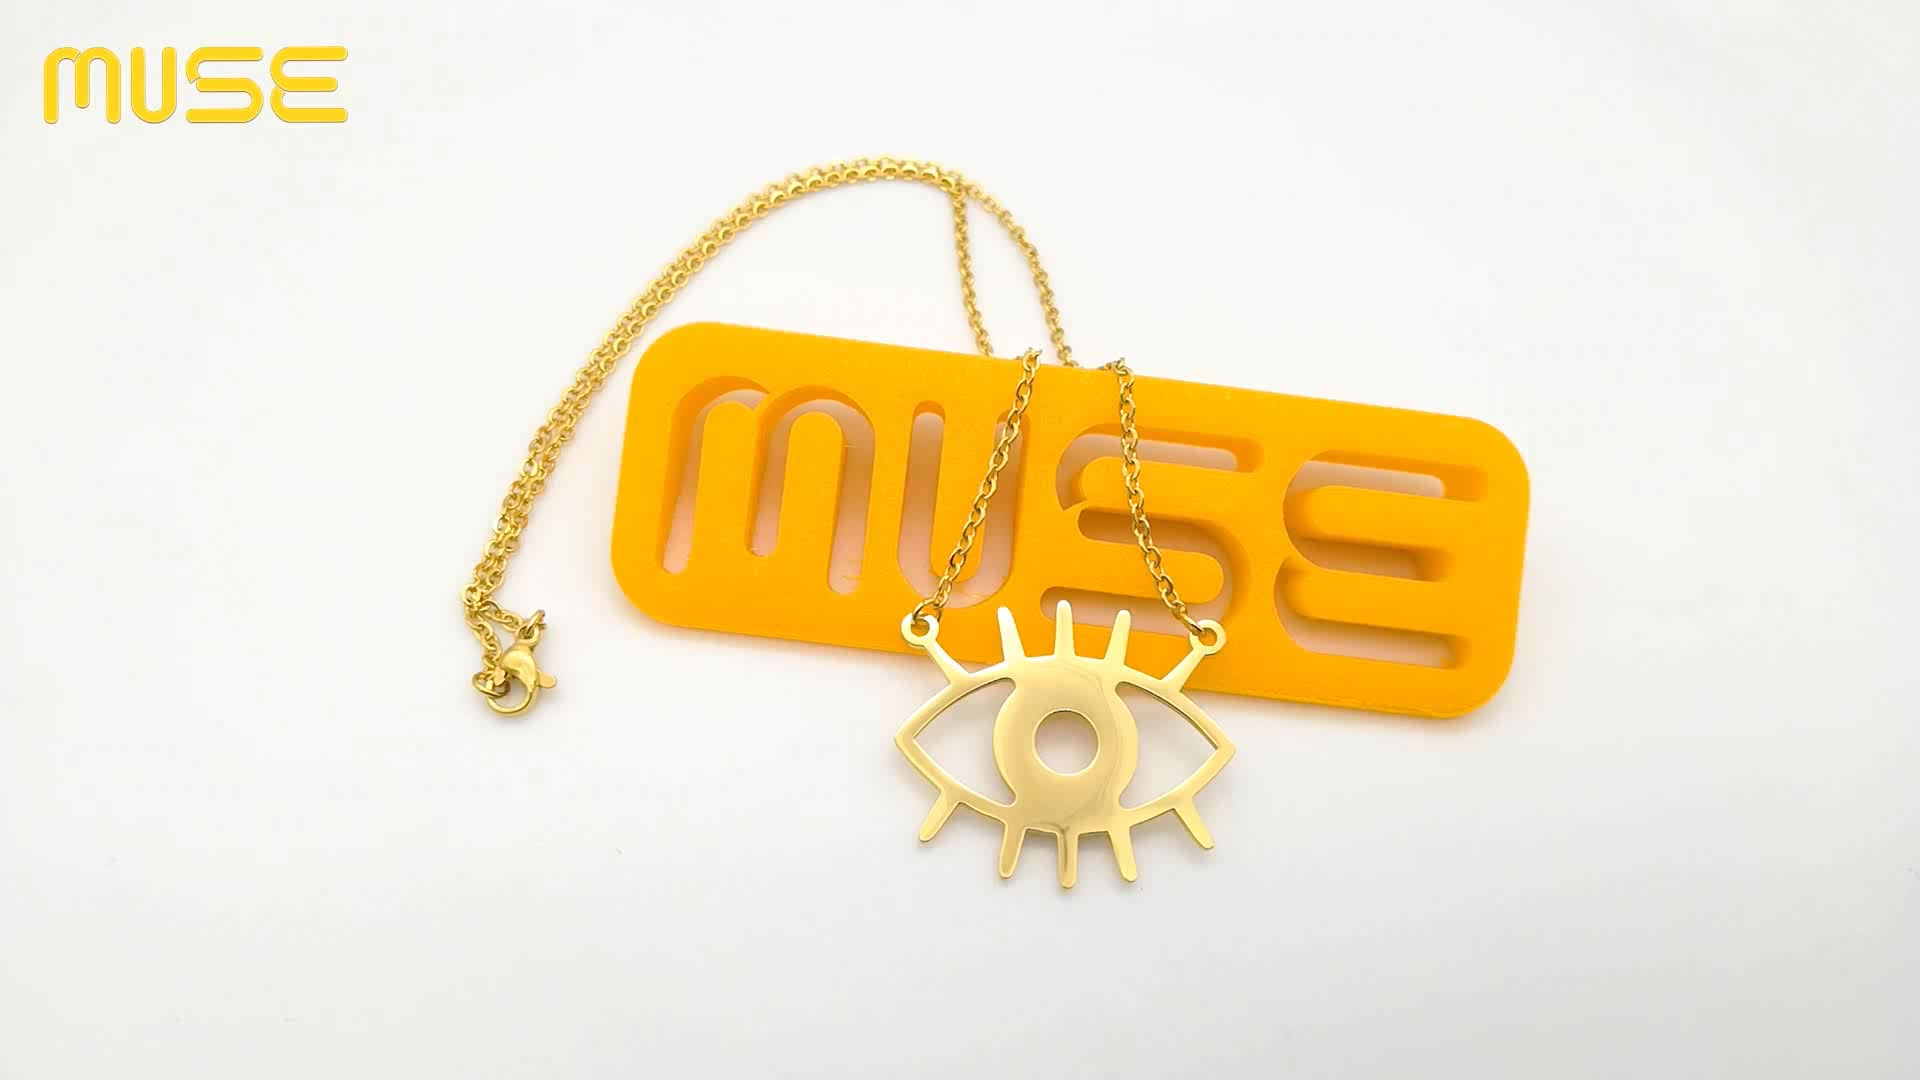 Großhandel Schmuck Halskette Benutzerdefinierte Frauen 18 k Gold Überzogene Halskette Auge Halskette NN40100